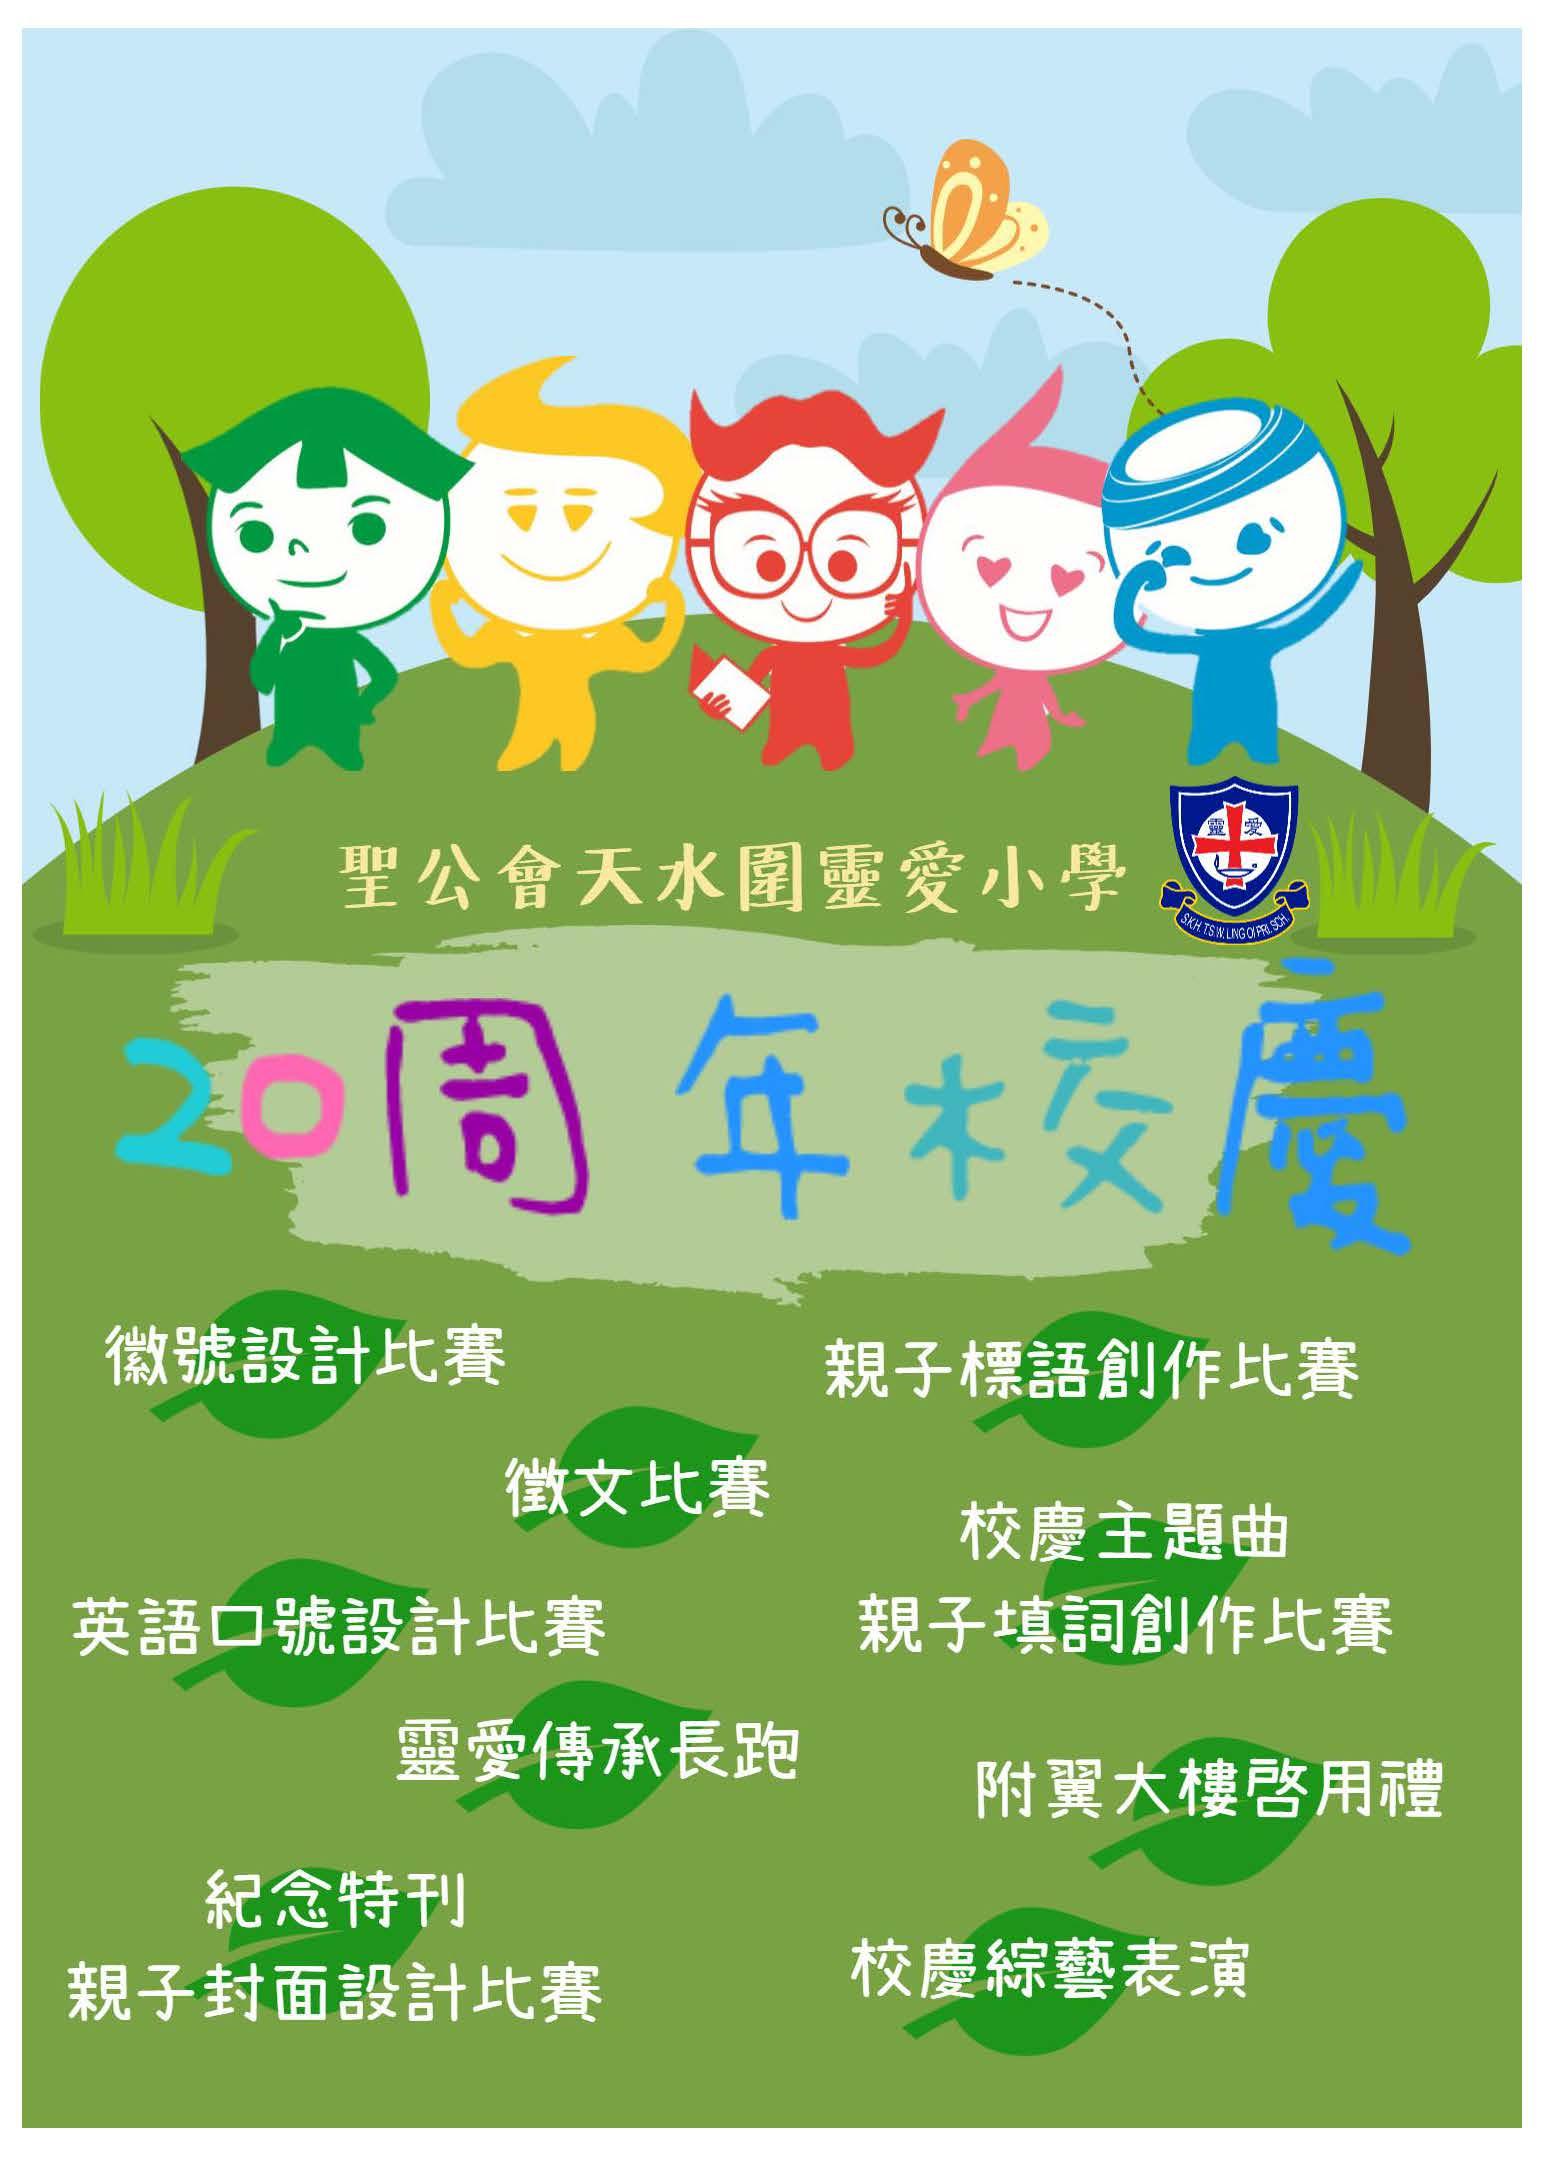 https://skhtswlo.edu.hk/sites/default/files/20zhou_nian_xiao_qing_huo_dong_fang_zui_xin_xiao_xi_ji_xiao_yuan_zhao_pian_.jpg